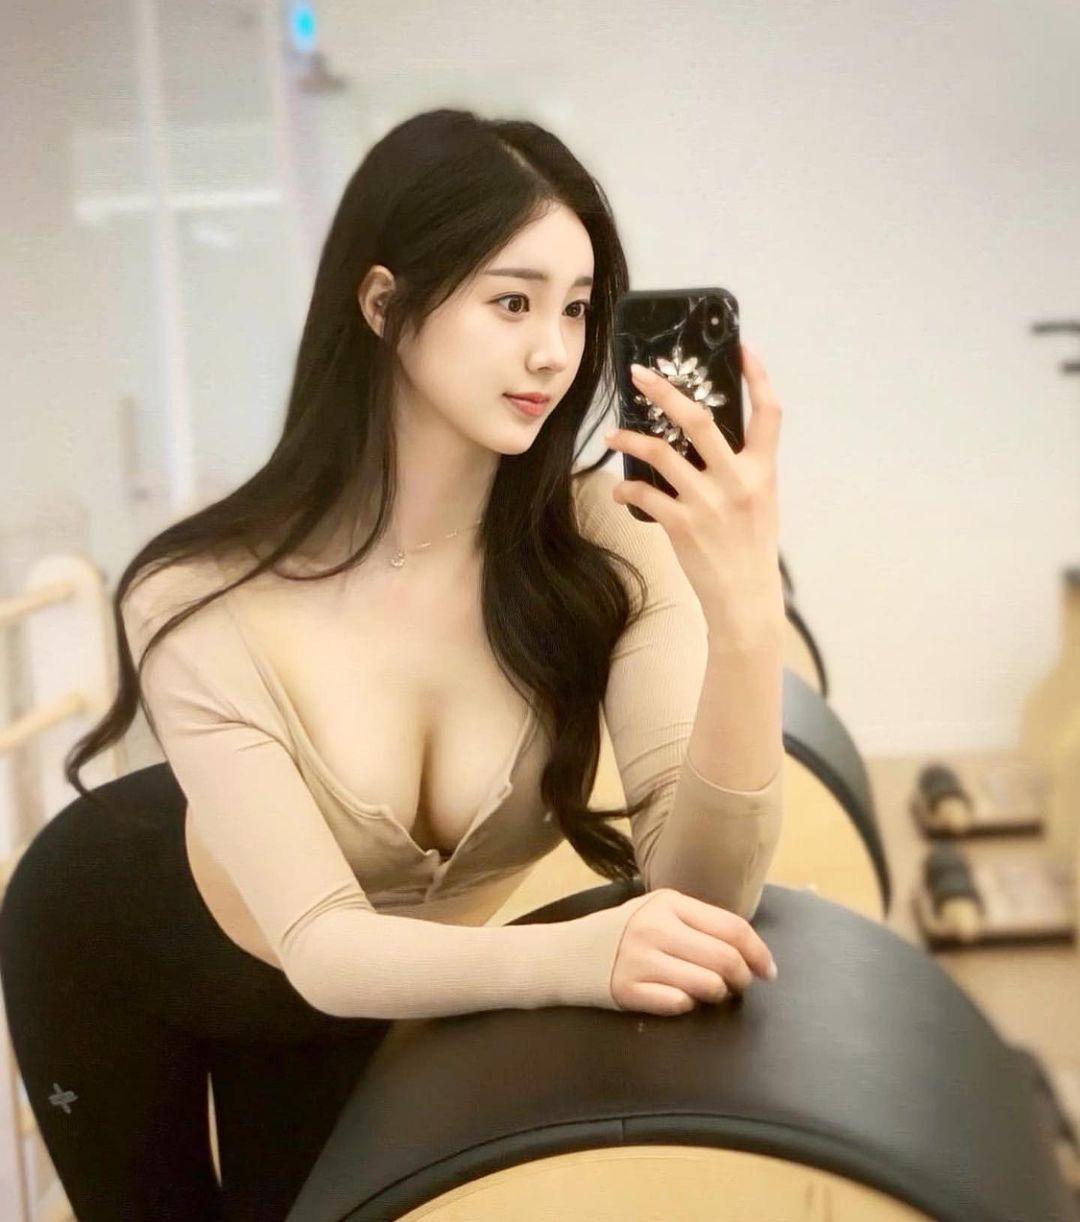 Nguyên tắc thời trang giúp thiếu nữ xứ Hàn khéo hút ánh nhìn nơi công cộng - 9